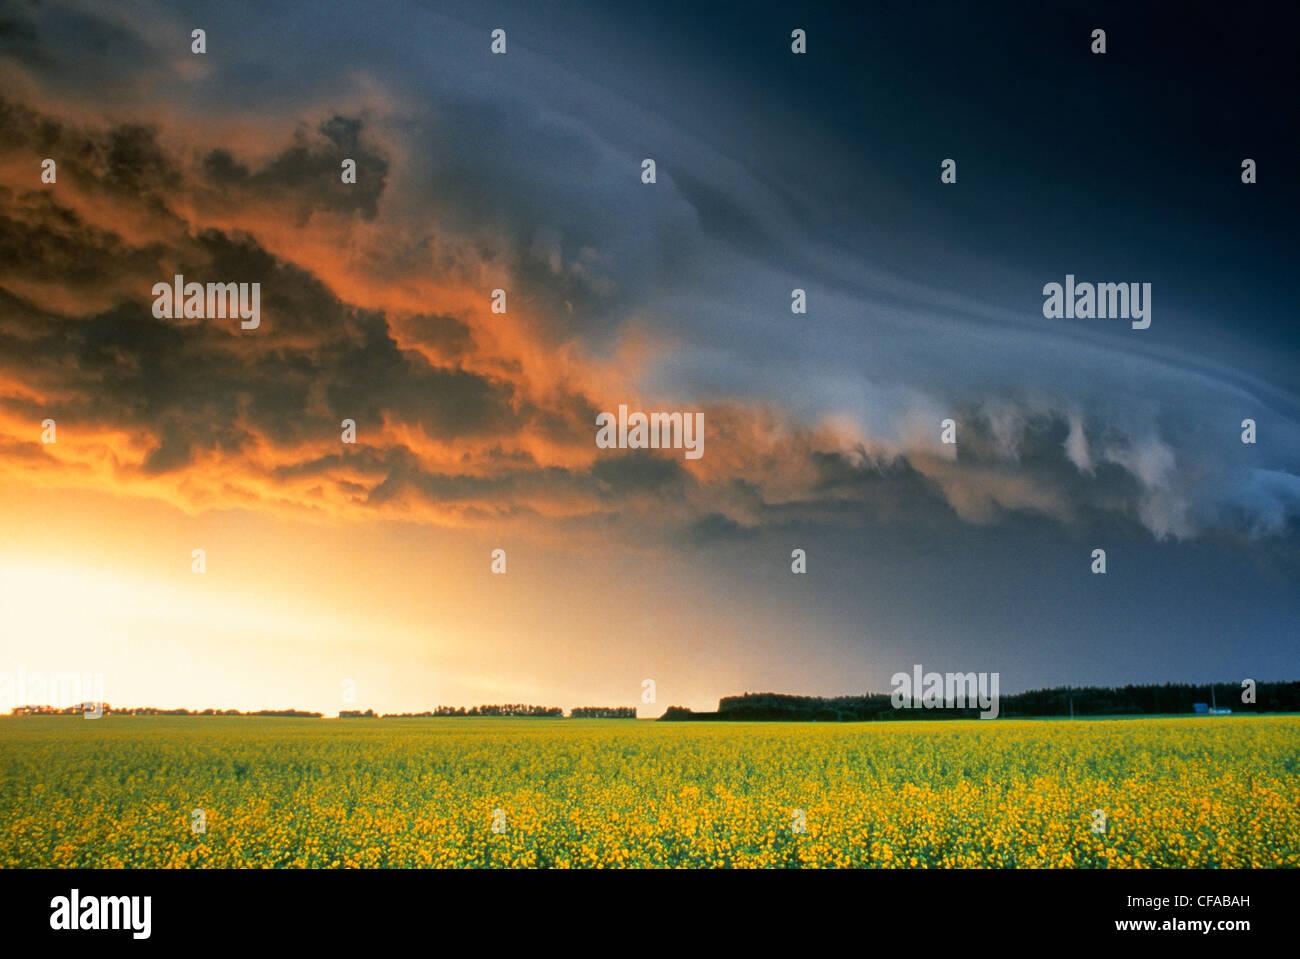 Raps und Gewitterwolken in der Nähe von Glenboro, Manitoba, Kanada. Stockbild